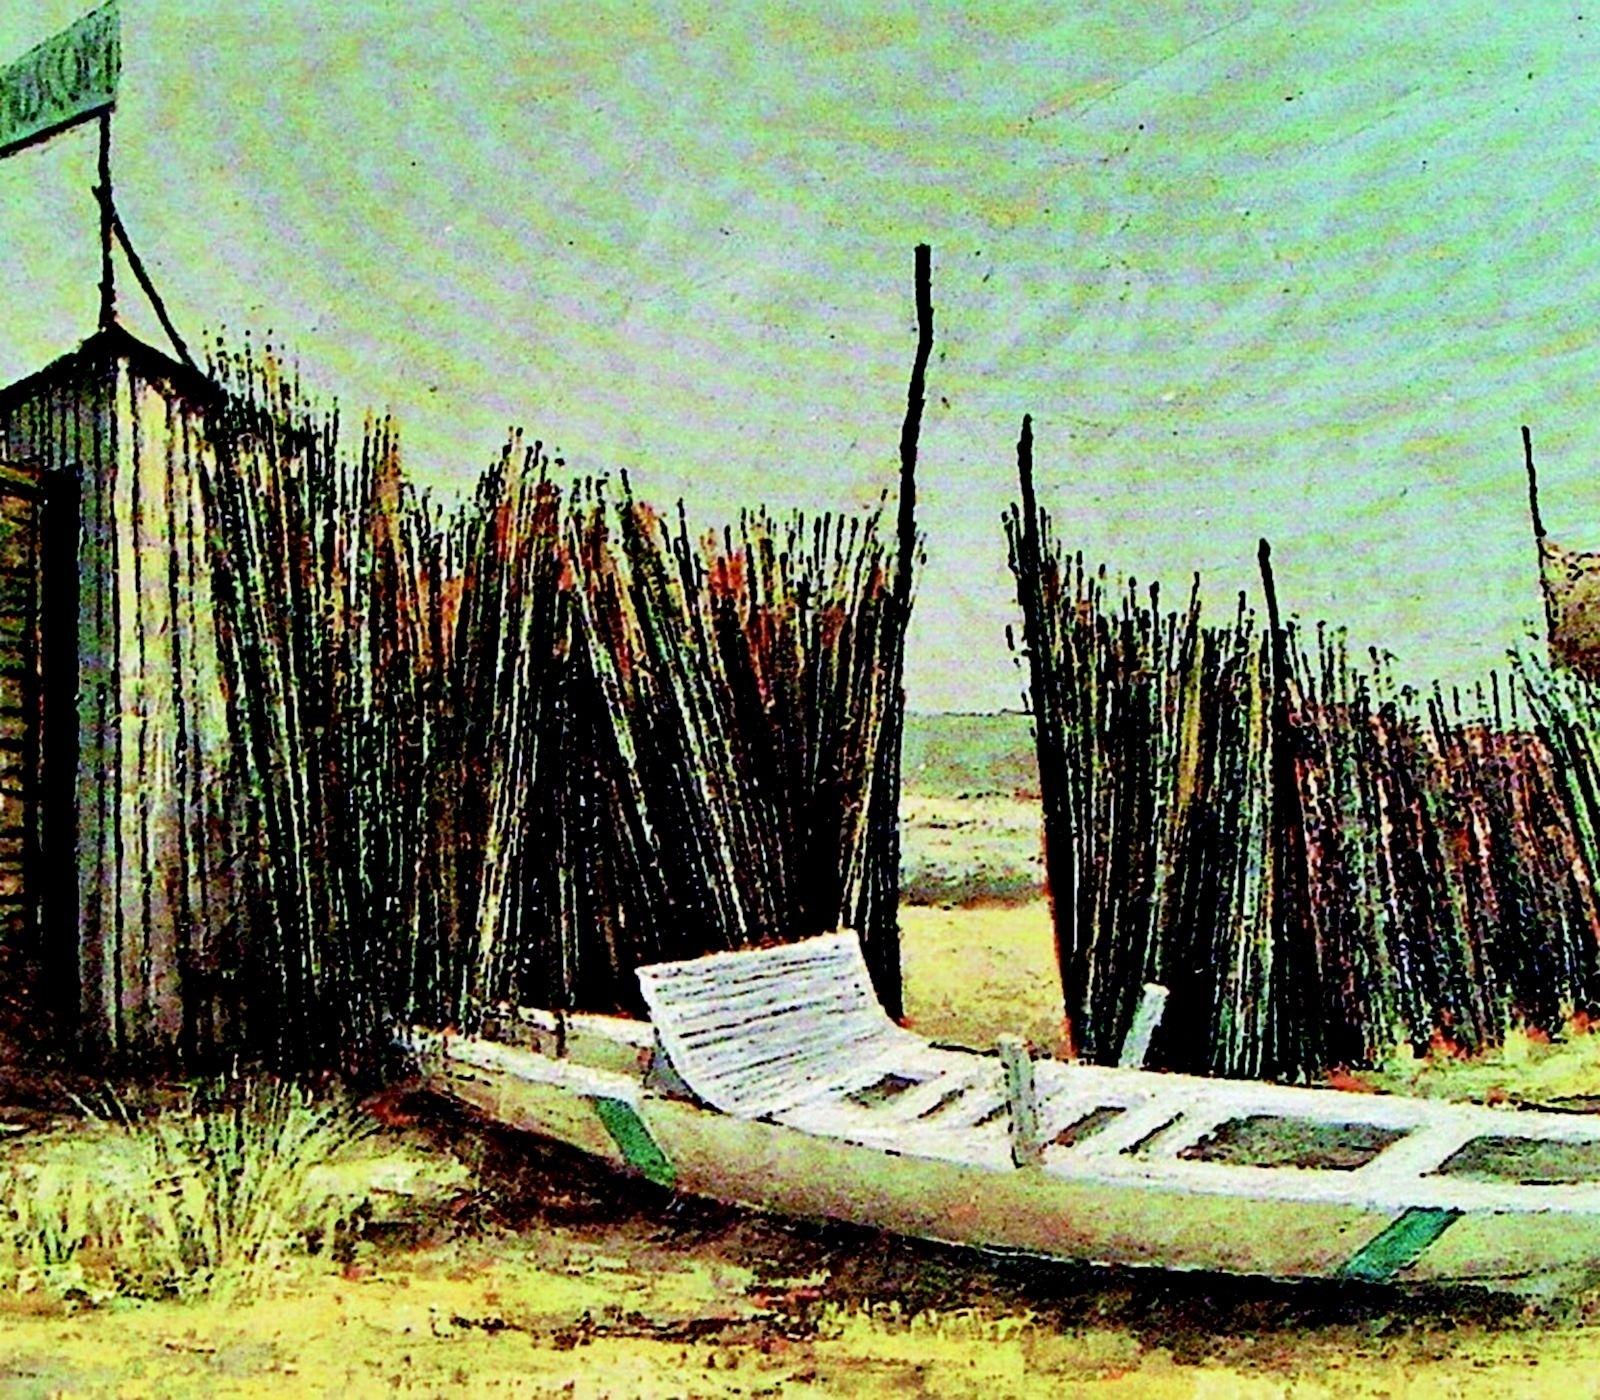 Il moscone, icona che si ritrova nell'opera di tanti artisti